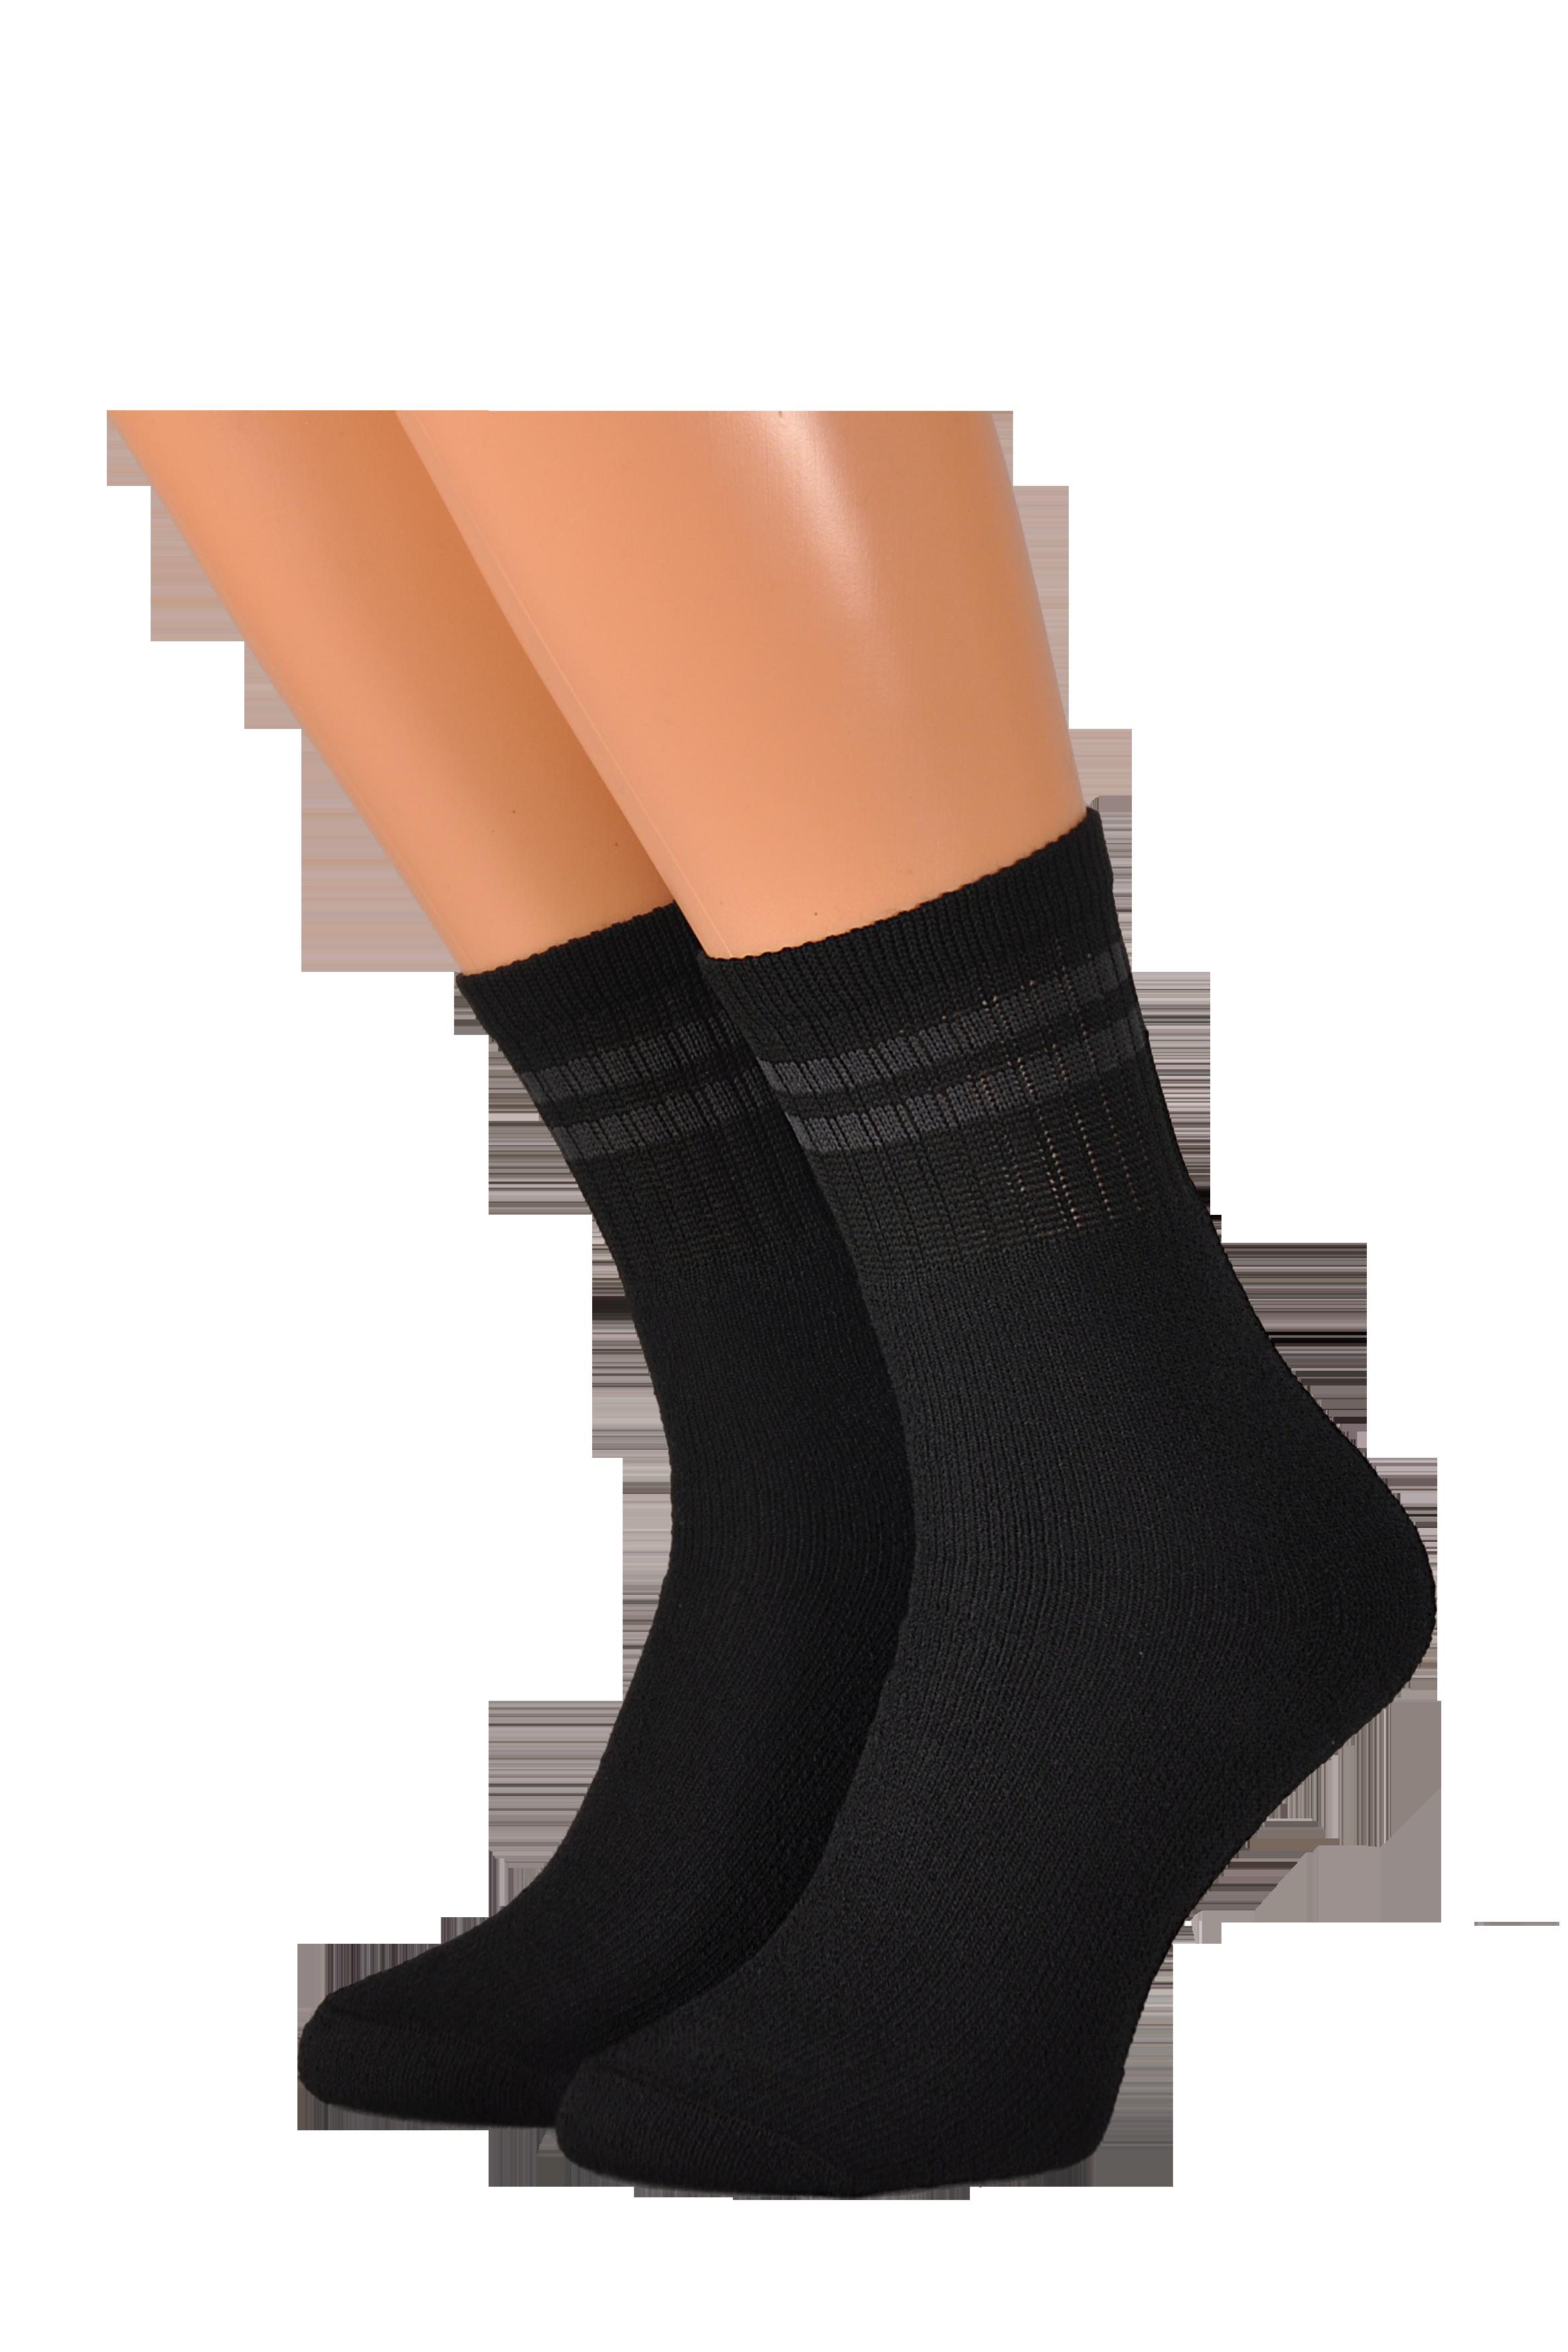 Download Black Socks PNG Image for Free